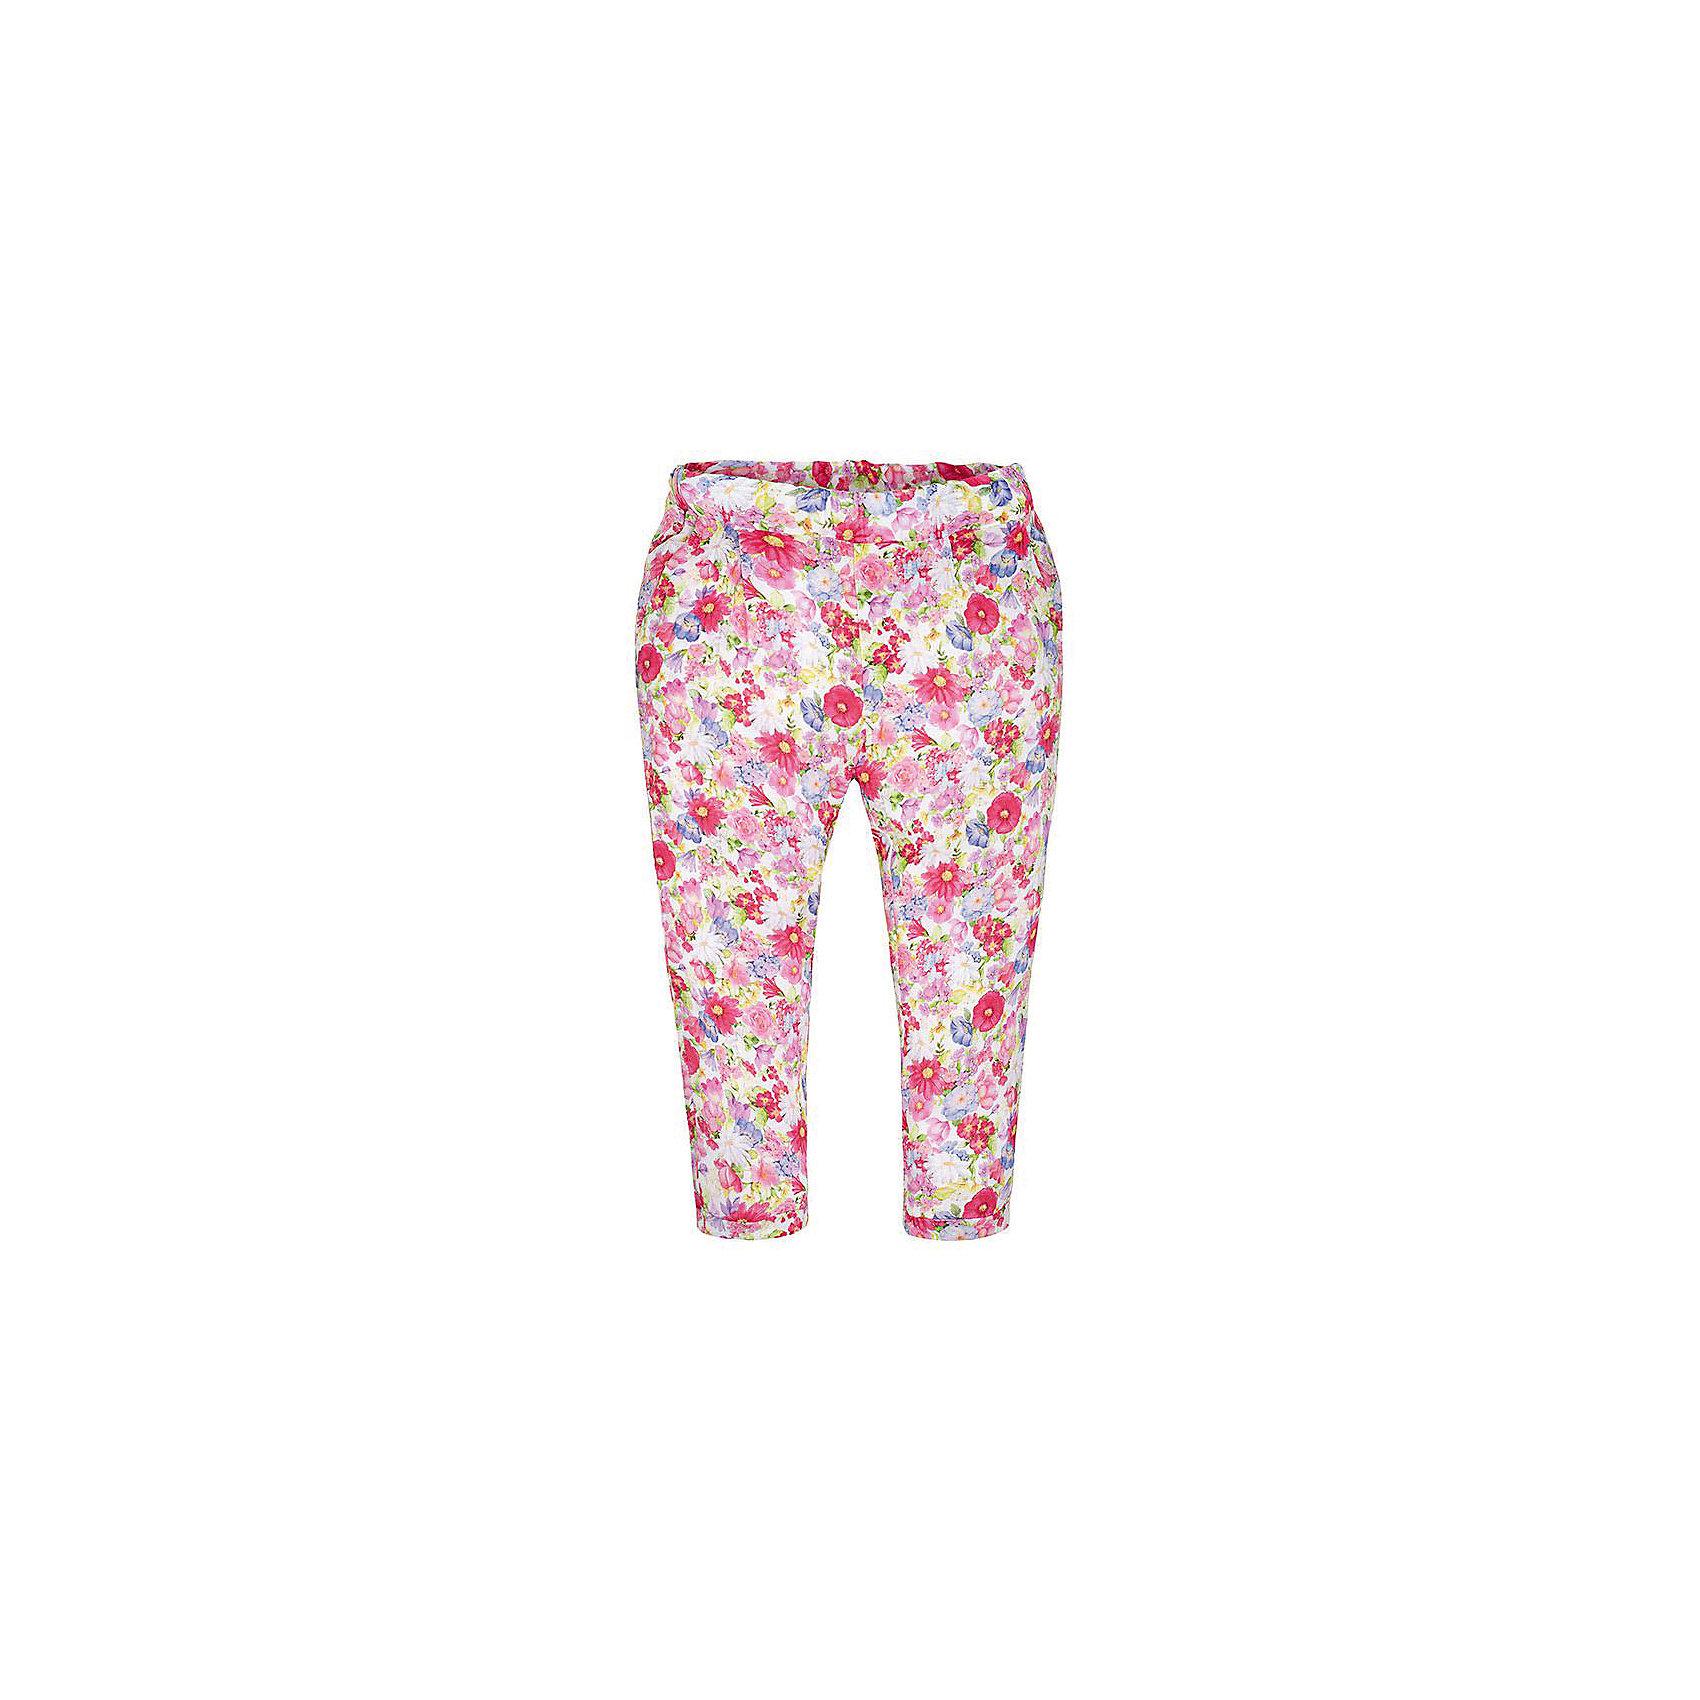 Брюки для девочки MayoralБрюки для девочки от известной испанской марки Mayoral <br><br>Яркие легкие брюки от Mayoral - прекрасный вариант для юных модниц! Они прекрасно сочетаются с разными вещами. Отличный вариант на лето. Модель выполнена из качественных материалов, отлично сидят по фигуре.<br><br>Особенности модели:<br><br>- цвет: разноцветный;<br>- крой брючин: зауженный;<br>- цветочный принт;<br>- пояс на резинке.<br><br>Дополнительная информация:<br><br>Состав: 100% вискоза<br><br>Брюки для девочки Mayoral (Майорал) можно купить в нашем магазине.<br><br>Ширина мм: 215<br>Глубина мм: 88<br>Высота мм: 191<br>Вес г: 336<br>Цвет: красный<br>Возраст от месяцев: 24<br>Возраст до месяцев: 36<br>Пол: Женский<br>Возраст: Детский<br>Размер: 98,134,116,104,110,122,128<br>SKU: 4542620